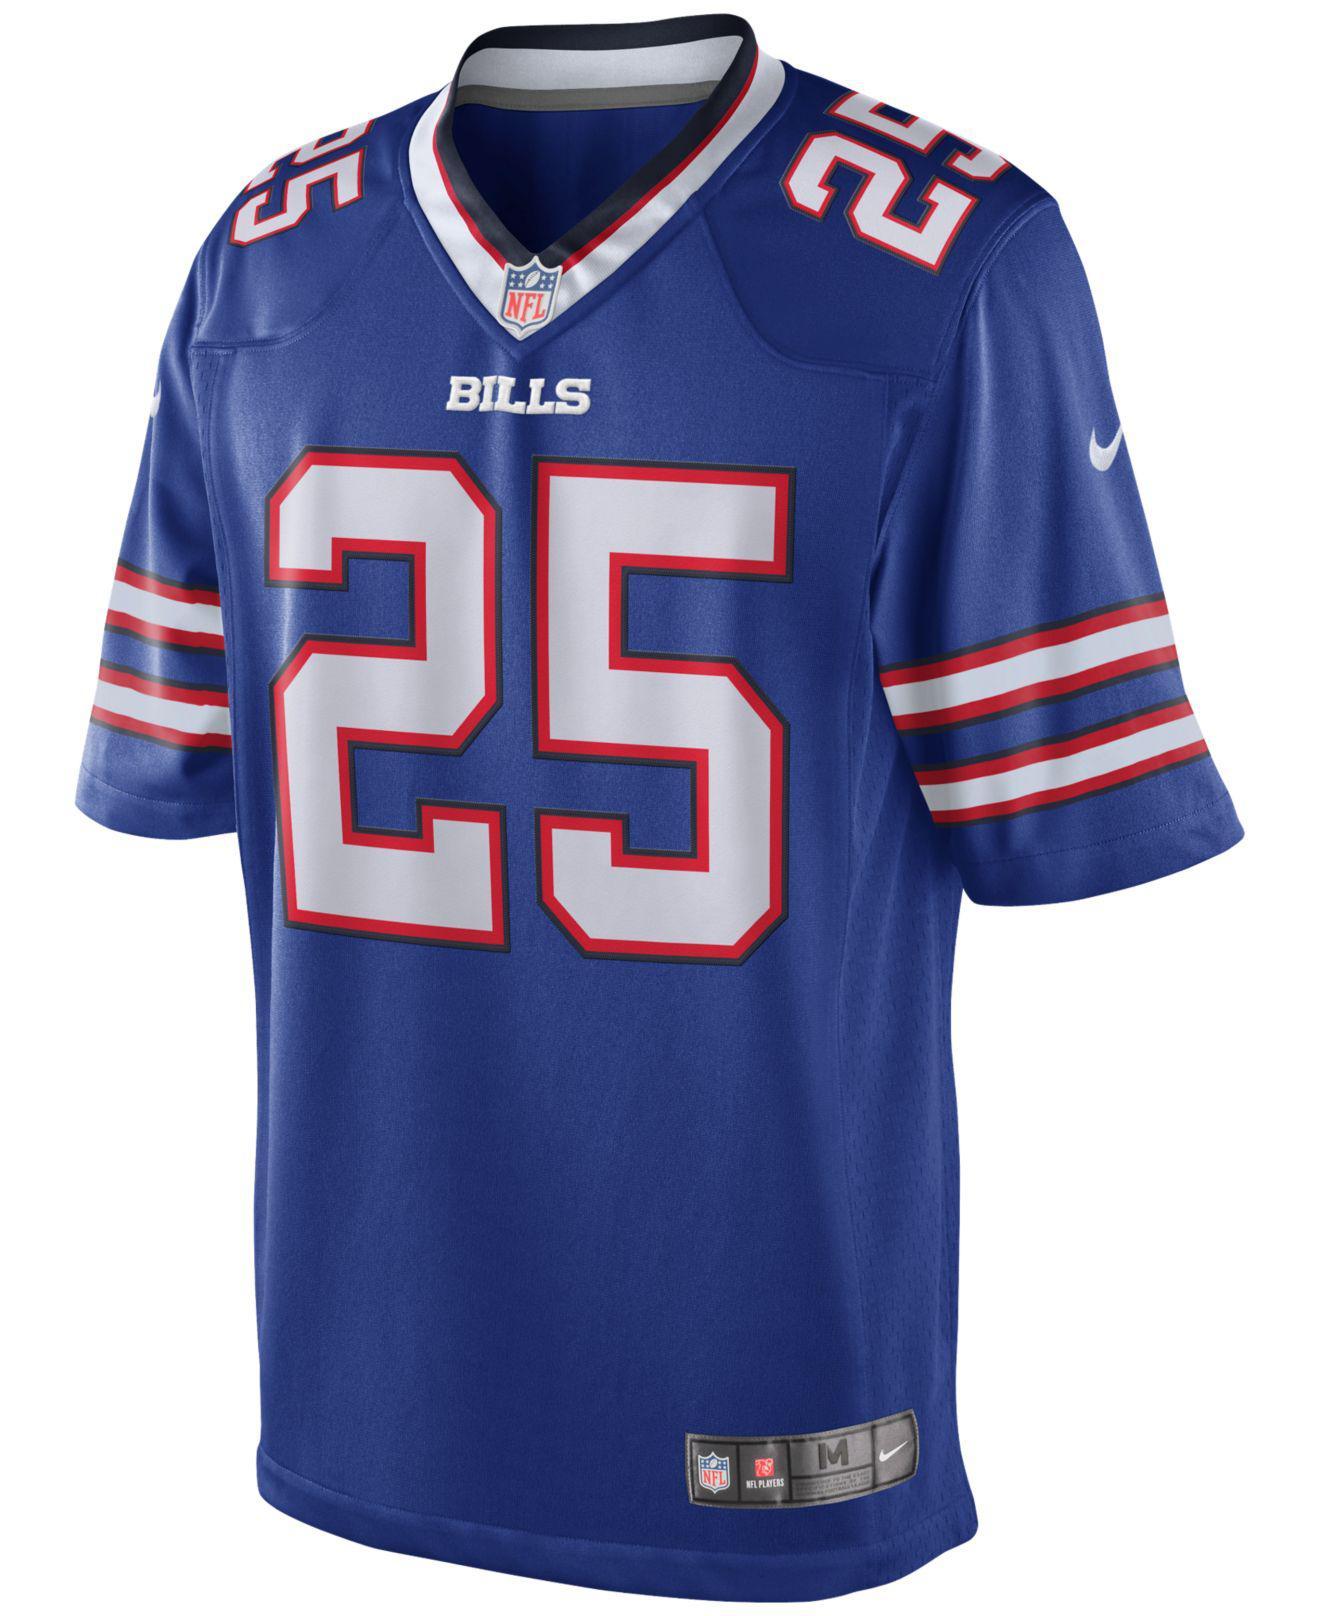 fbfa210e70a28 Lyst - Nike Men's Lesean Mccoy Buffalo Bills Limited Jersey in Blue ...